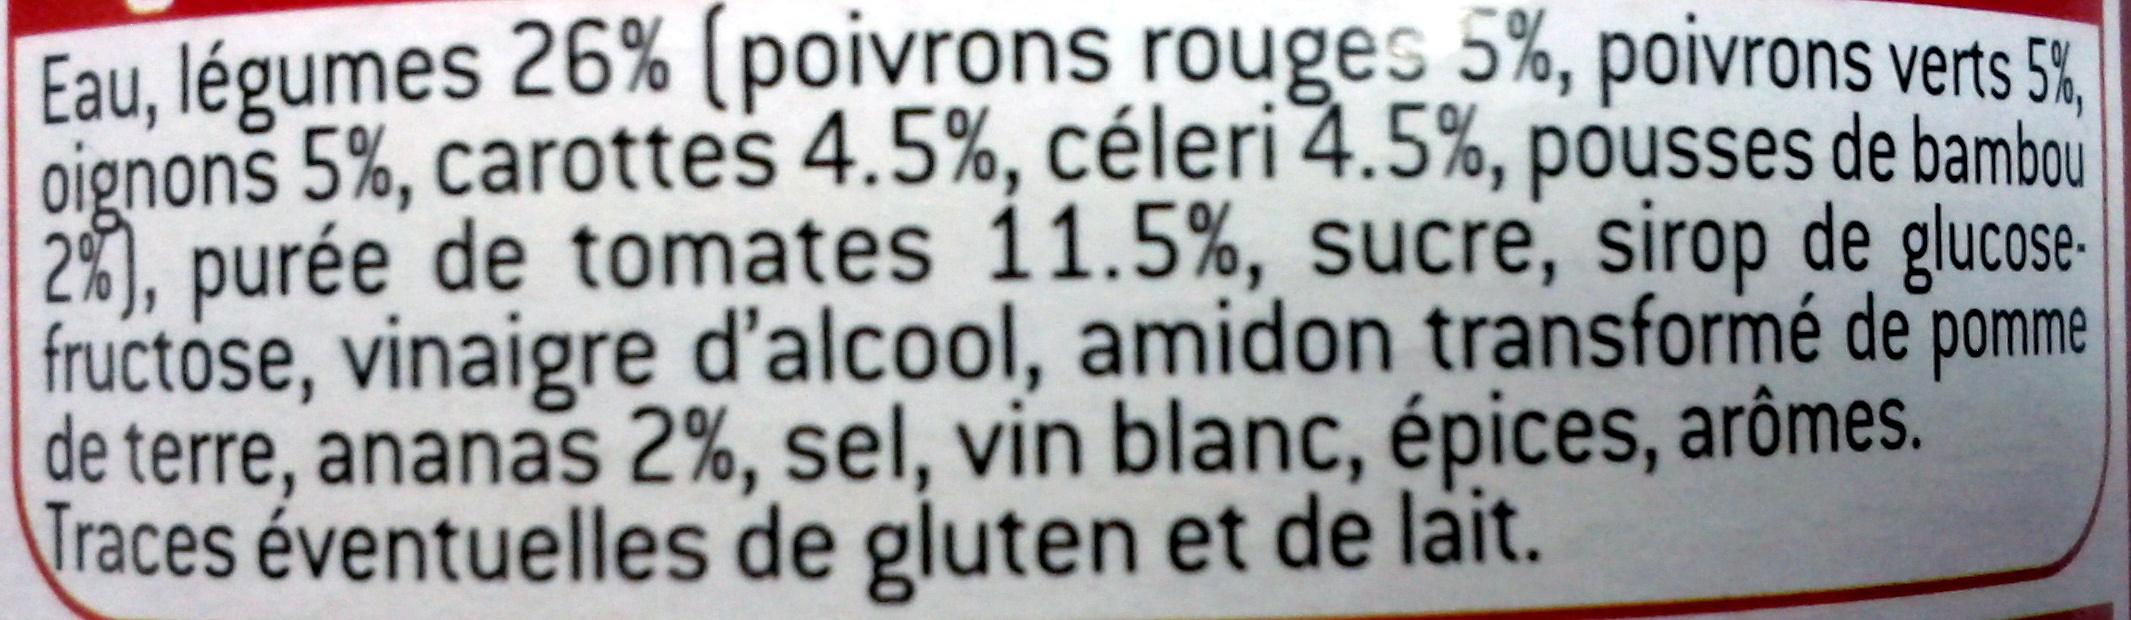 Sauce aigre douce - Ingrédients